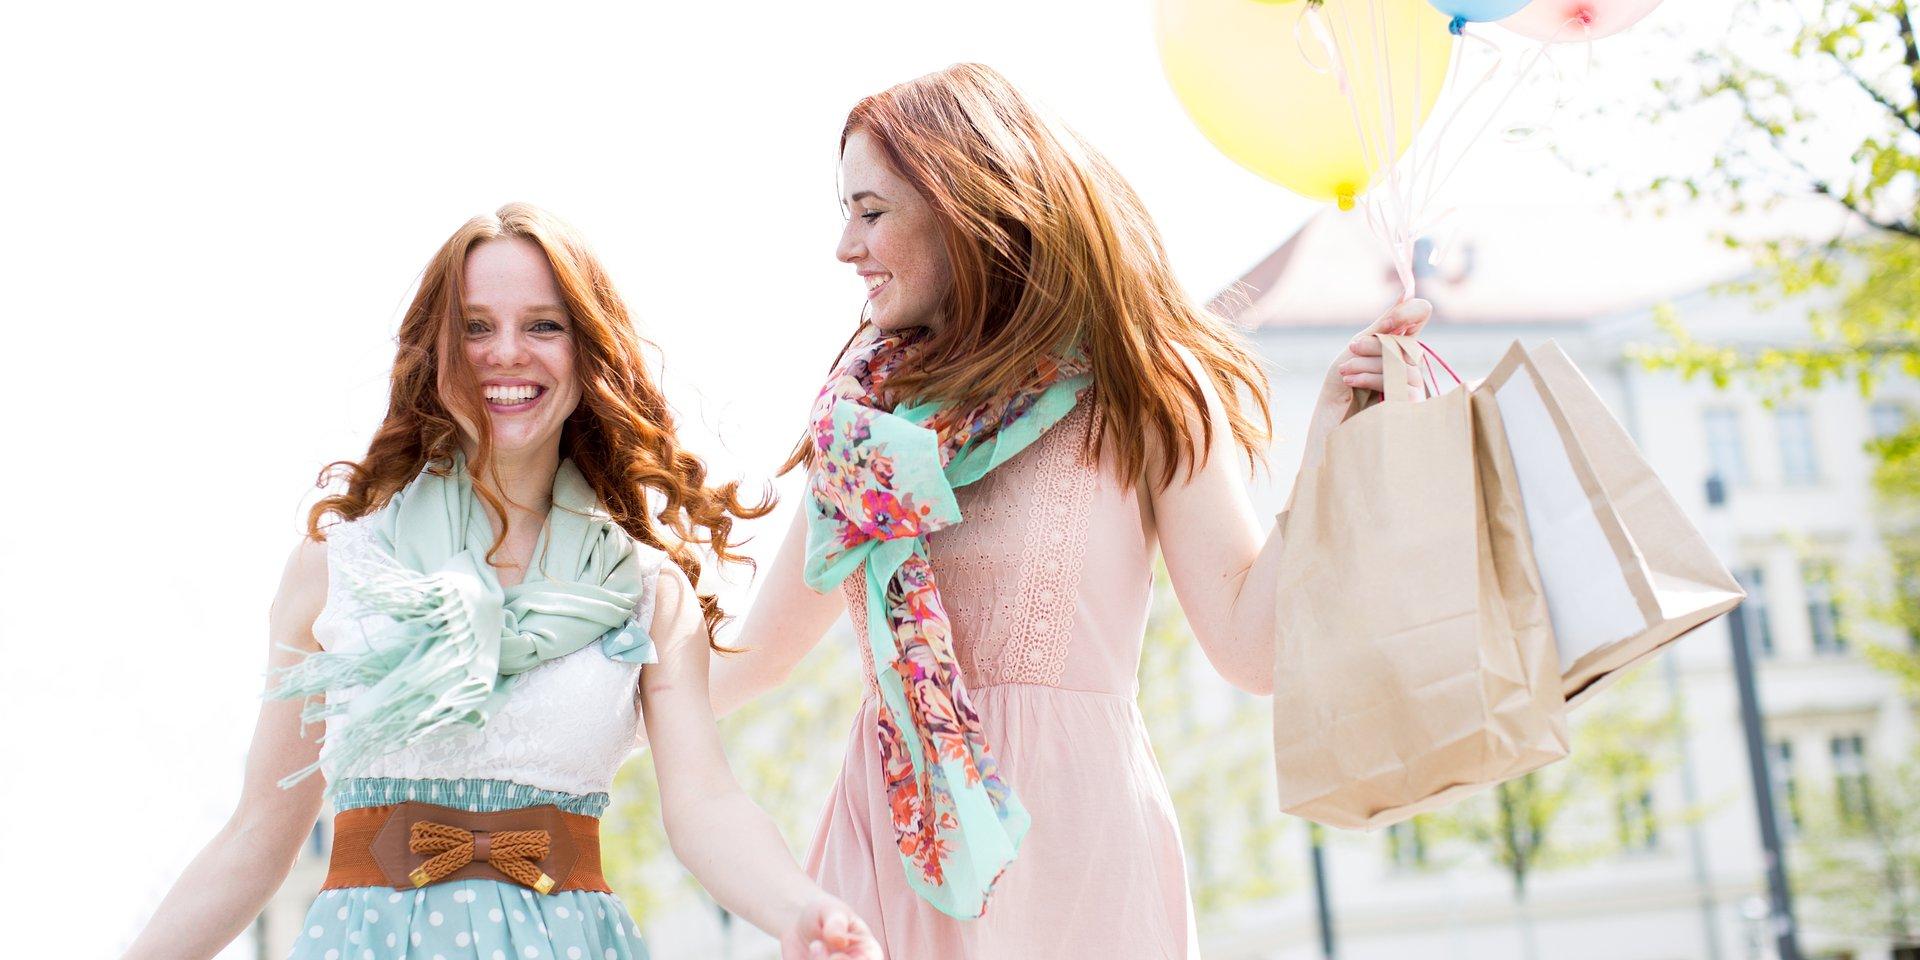 Raport: Wiosenne nawyki zakupowe Polaków